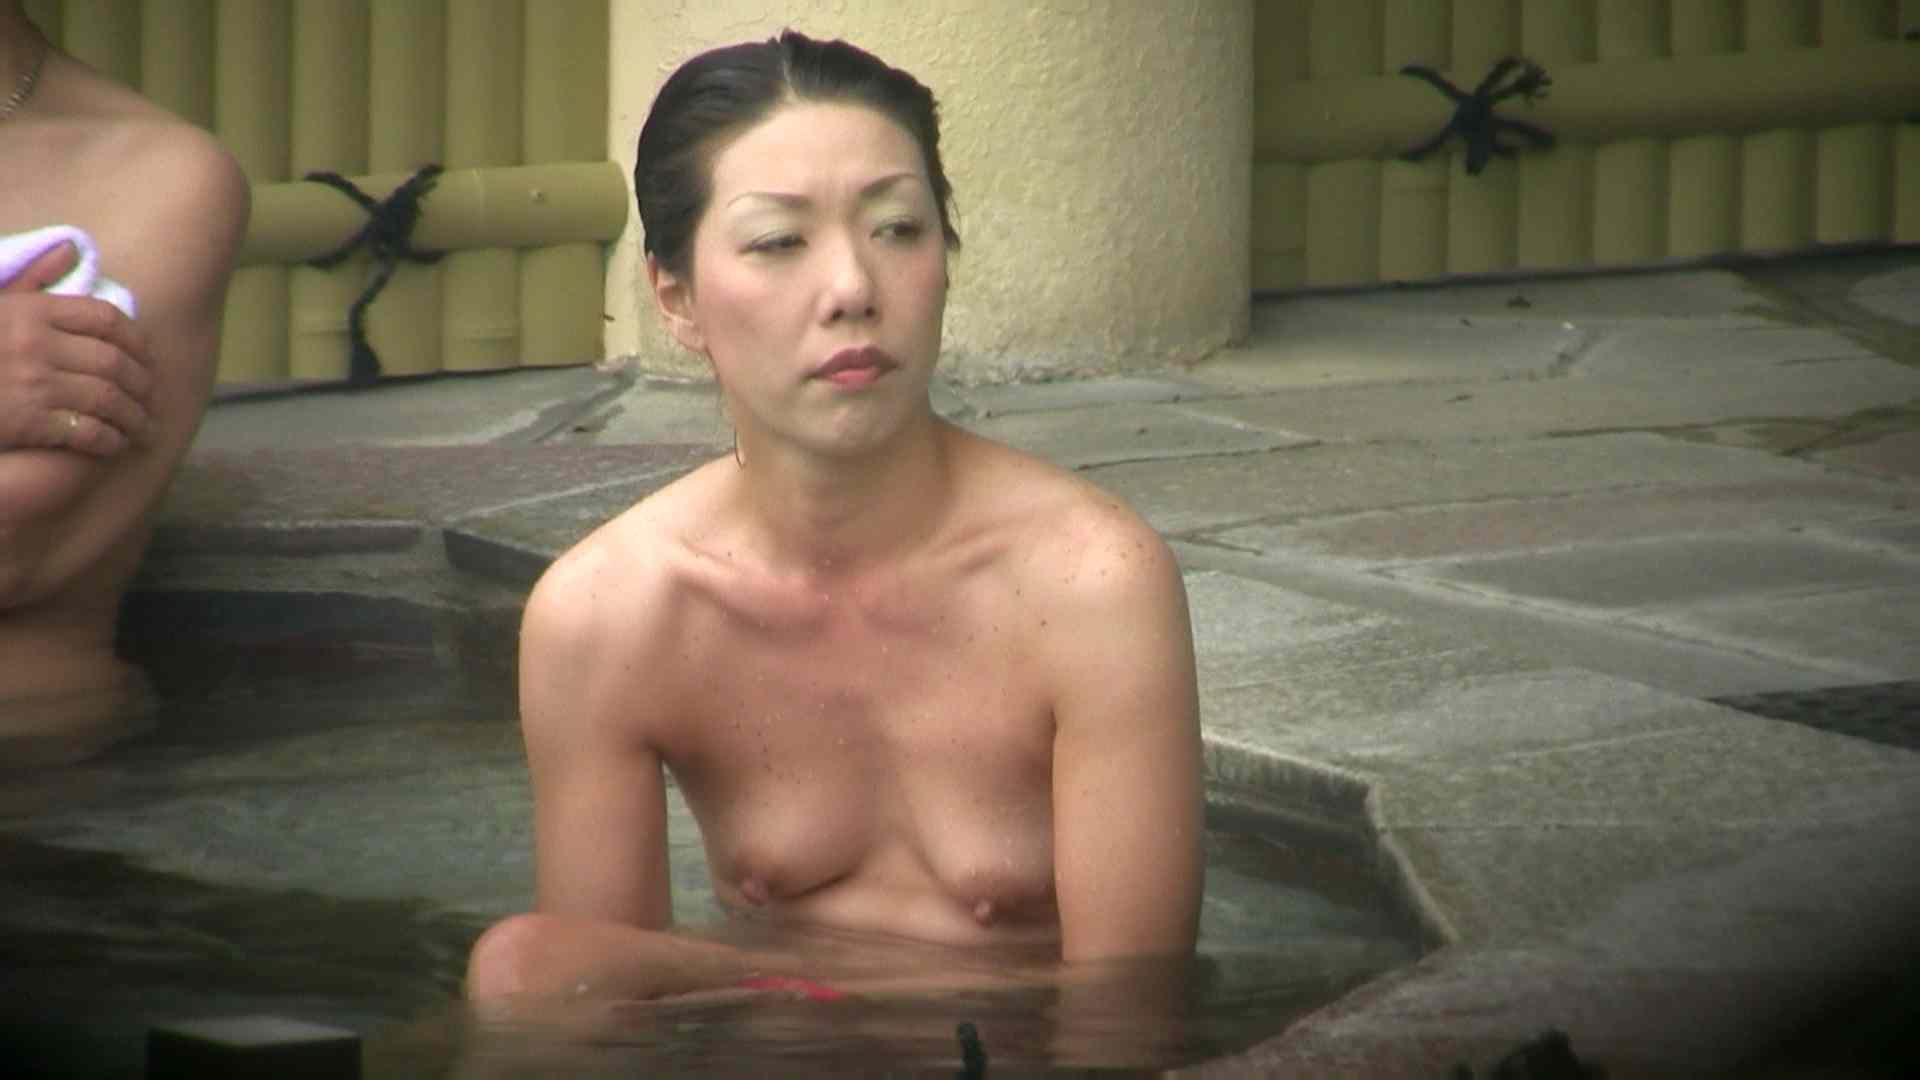 高画質露天女風呂観察 vol.036 高画質 のぞきおめこ無修正画像 96画像 31